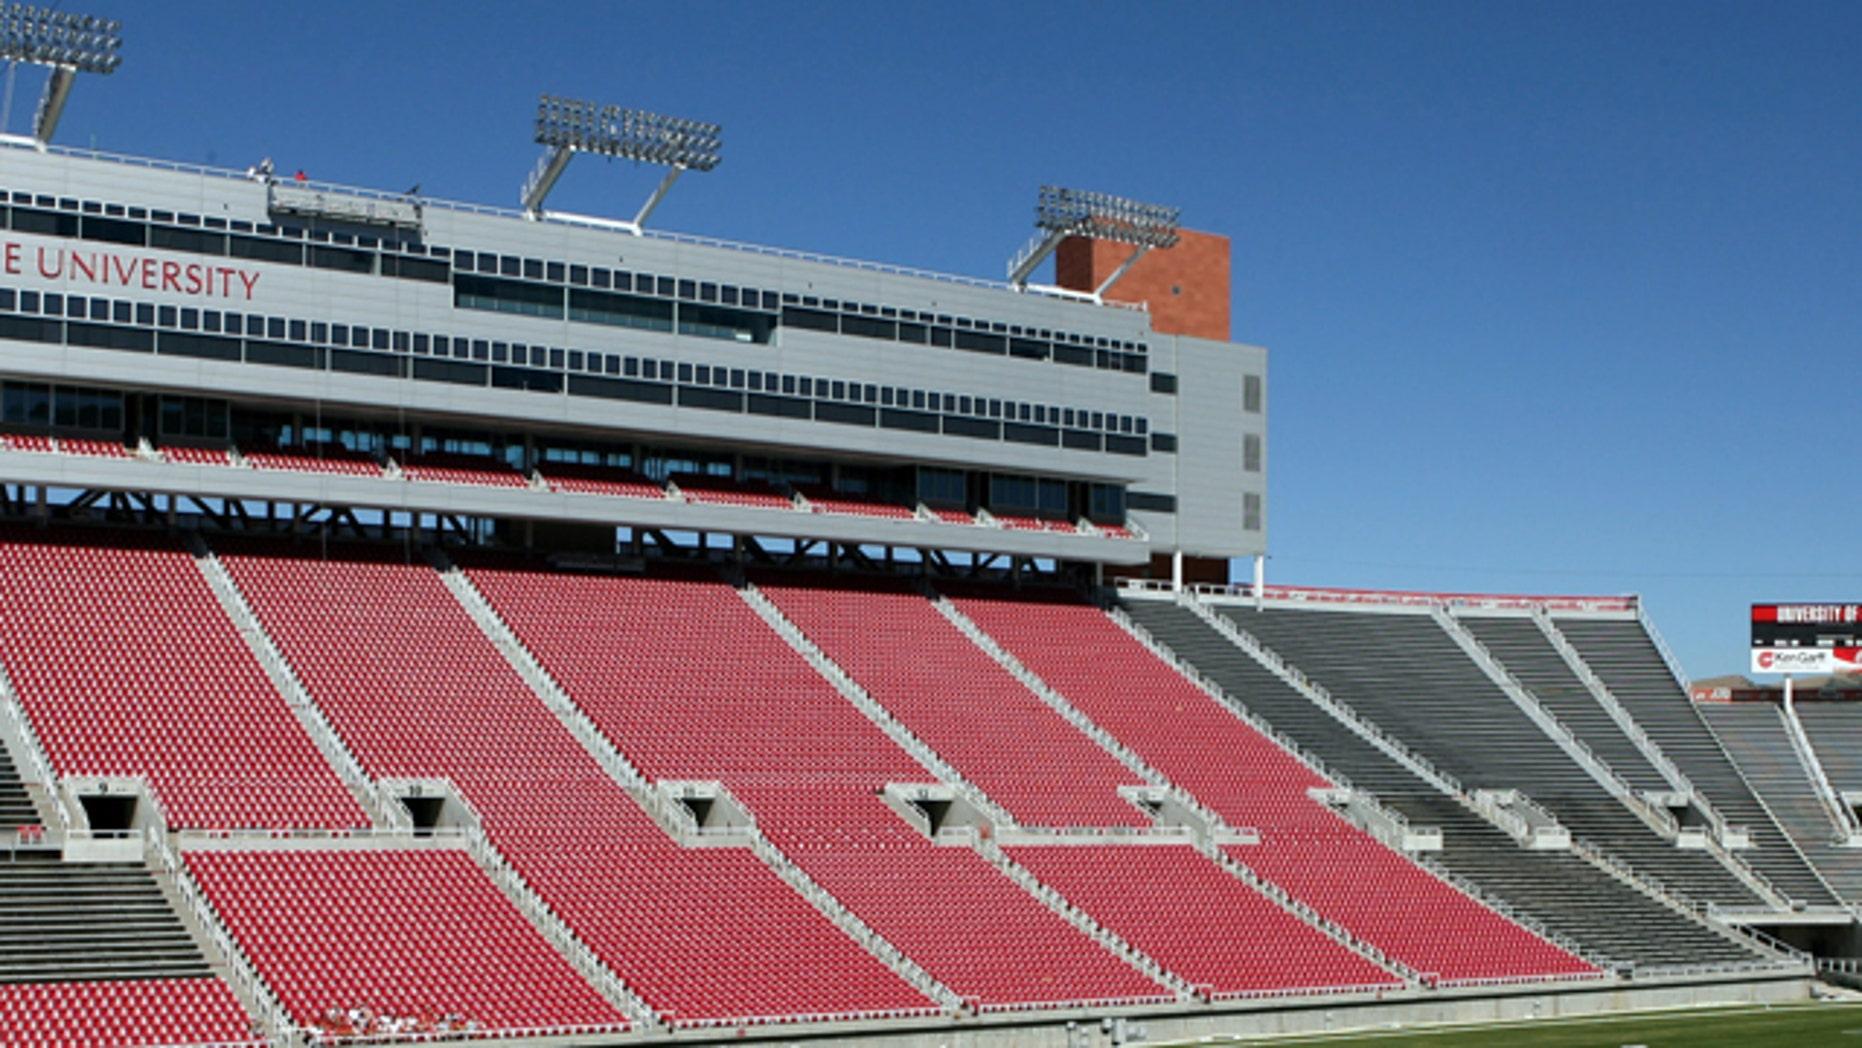 The Unversity of Utah's Rice-Eccles Stadium in Salt Lake City.